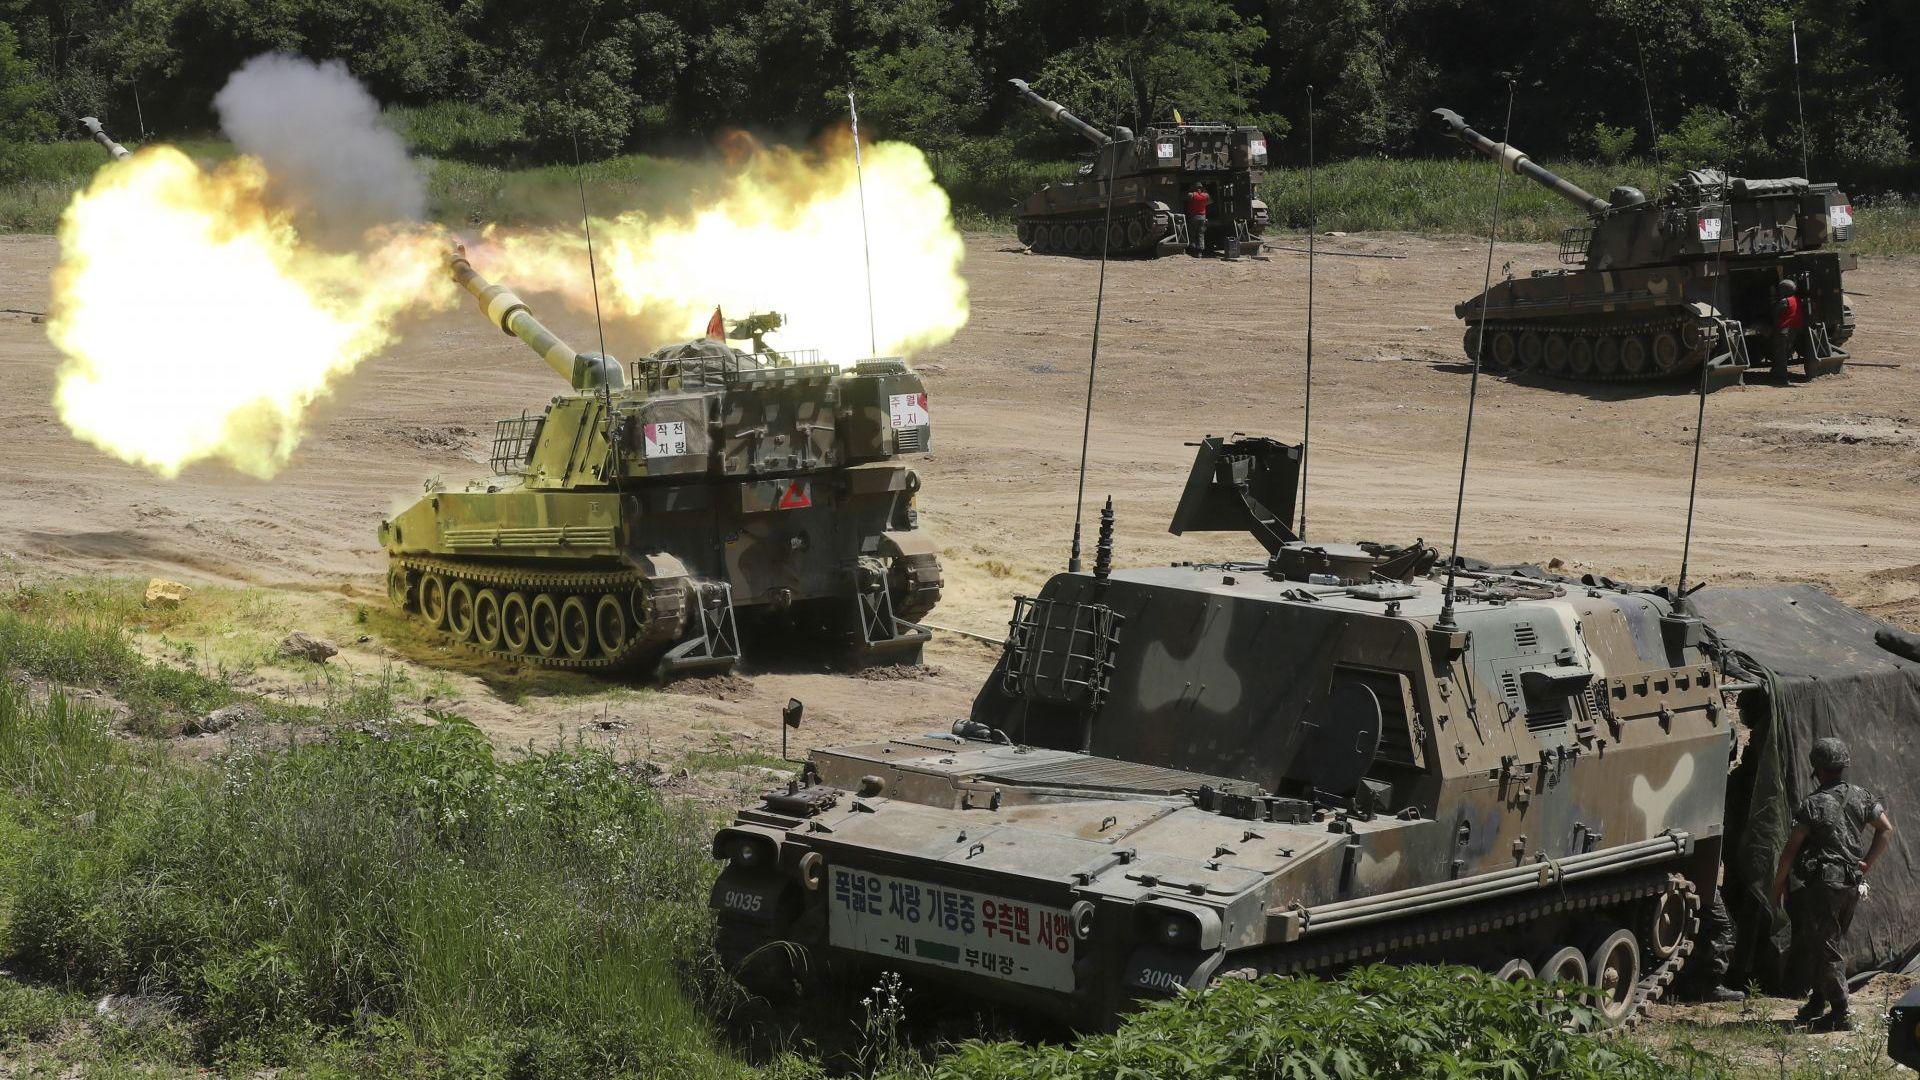 Сеул с учение на границата, Пхенян хвърля над Юга 12 млн. пропагандни листовки